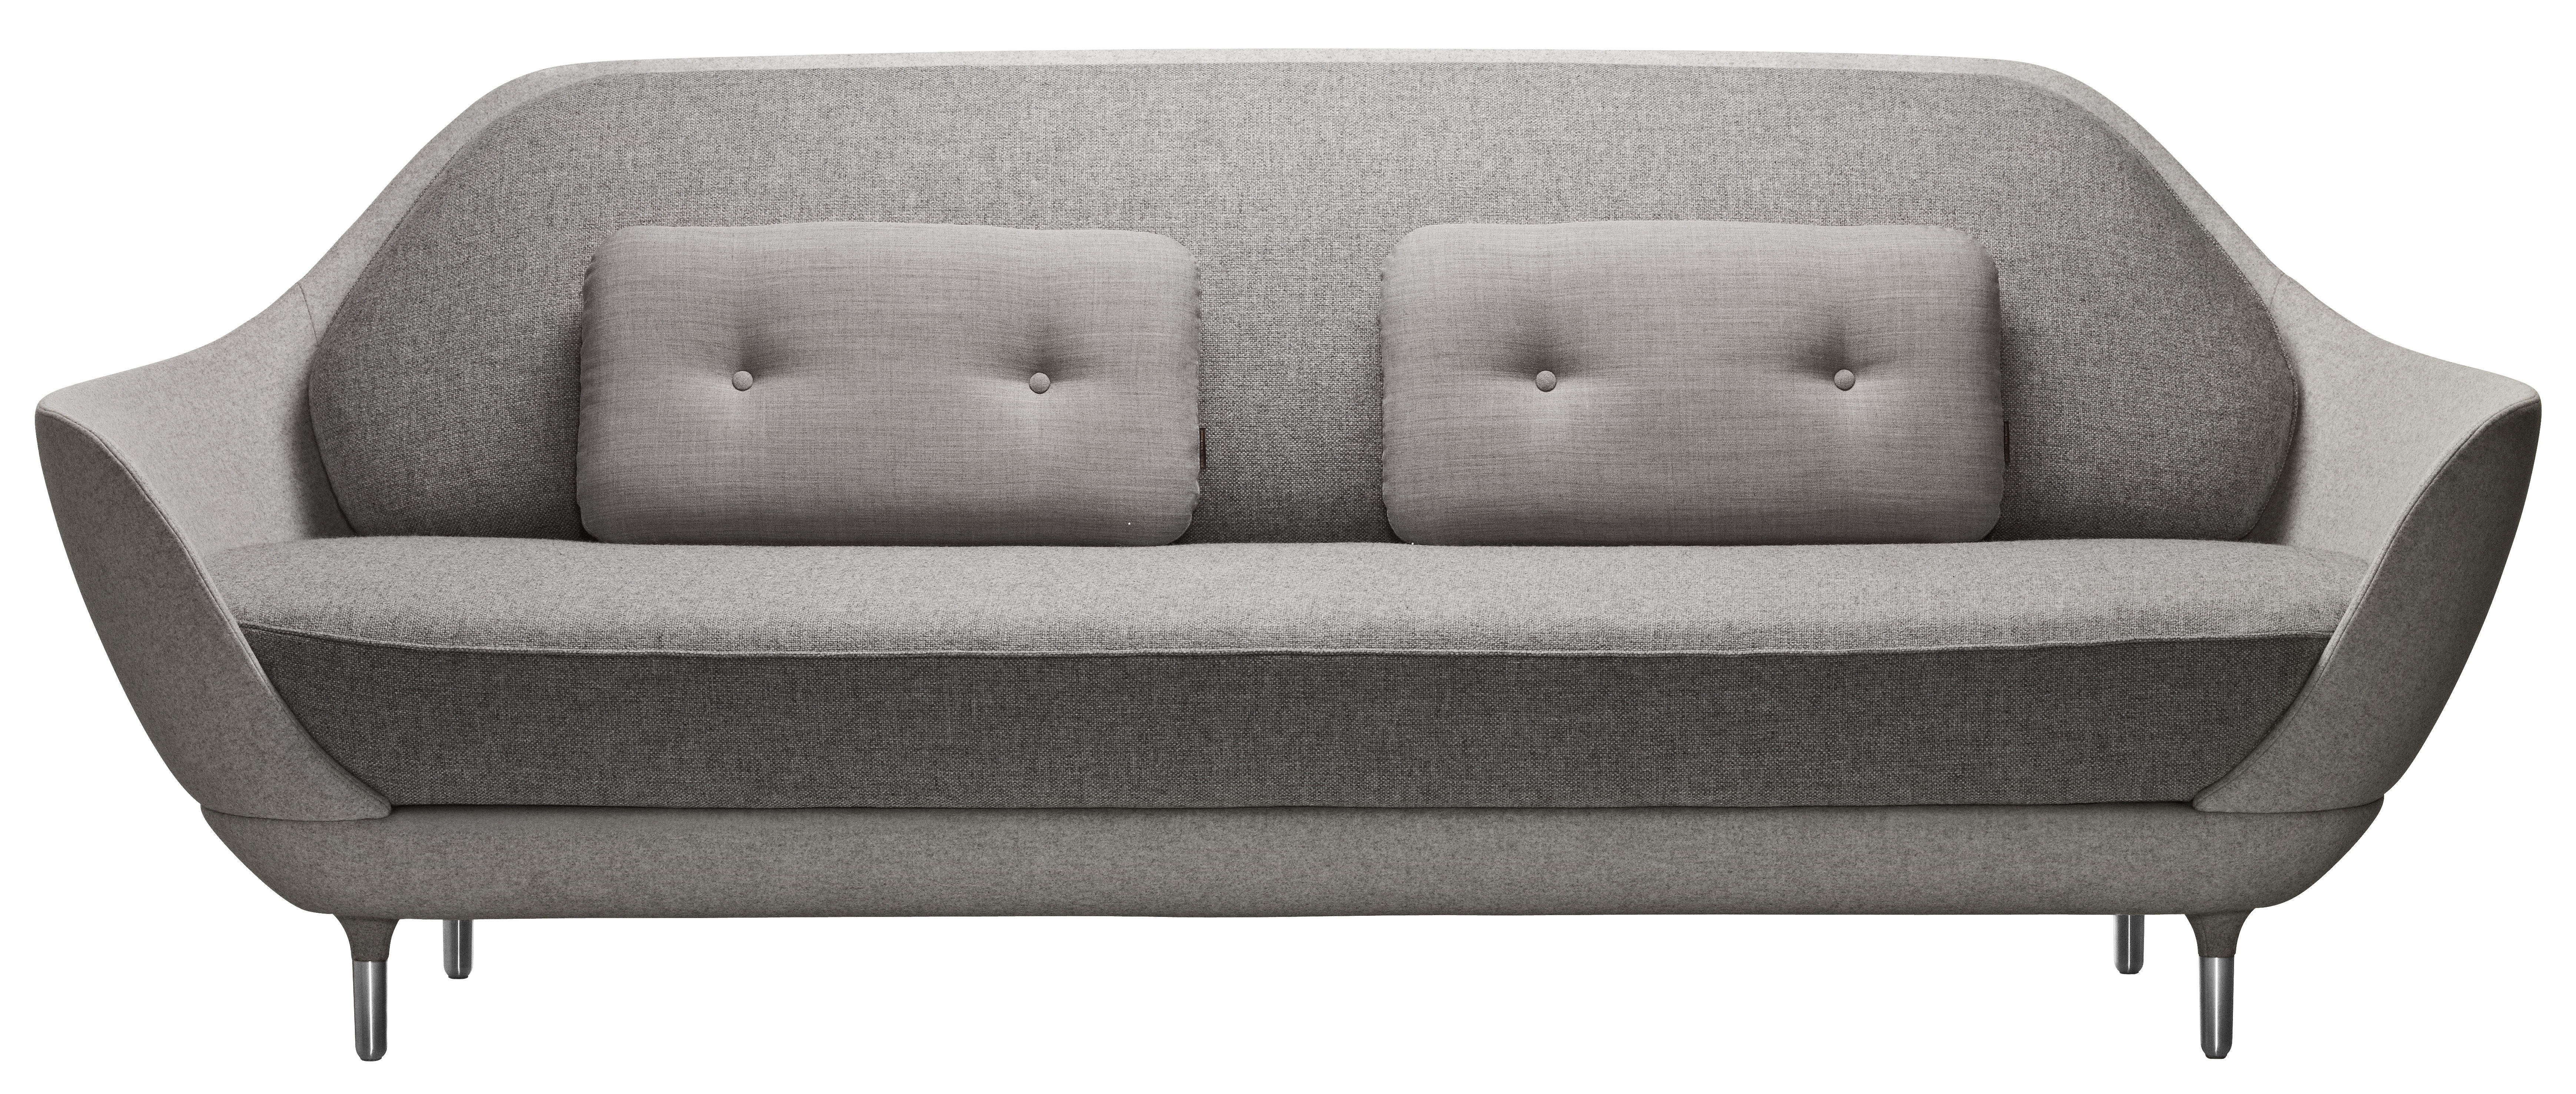 Möbel - Sofas - Favn Sofa L 221 cm - Fritz Hansen - Hellgrau - Glasfaser, Kvadrat-Gewebe, Polyurethan-Schaum, Stahl